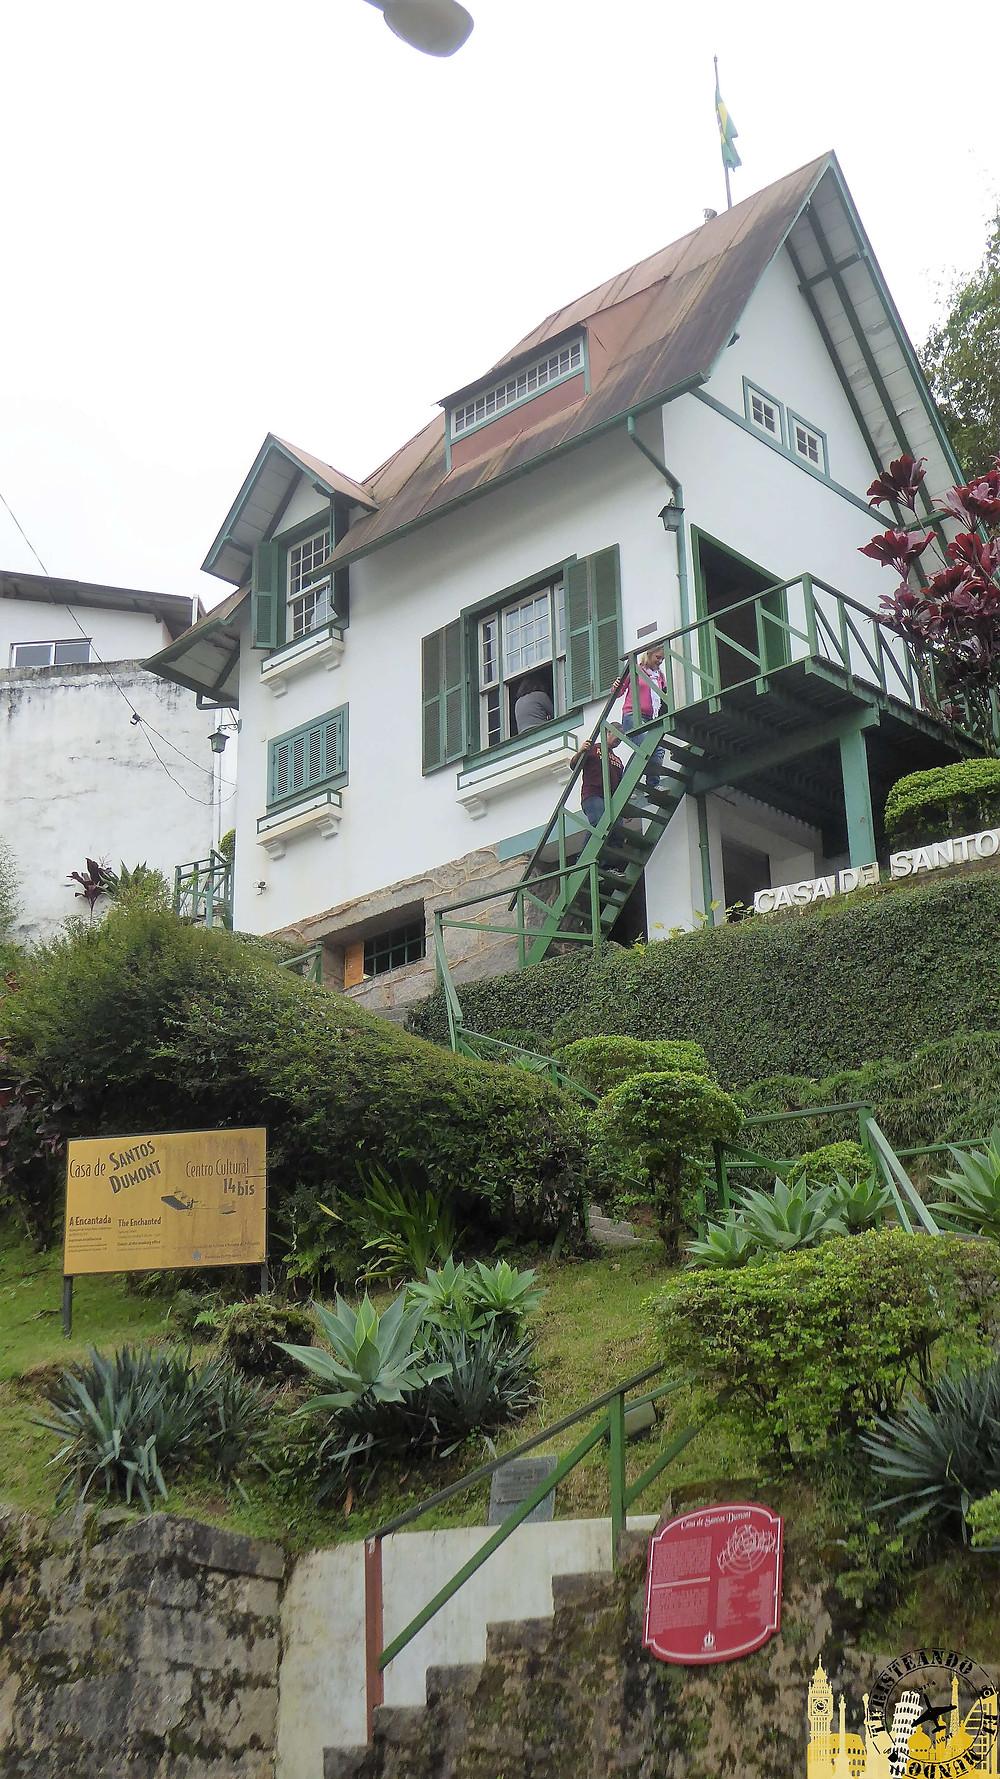 Museo Santos Dumont, Petrópolis (Brasil)